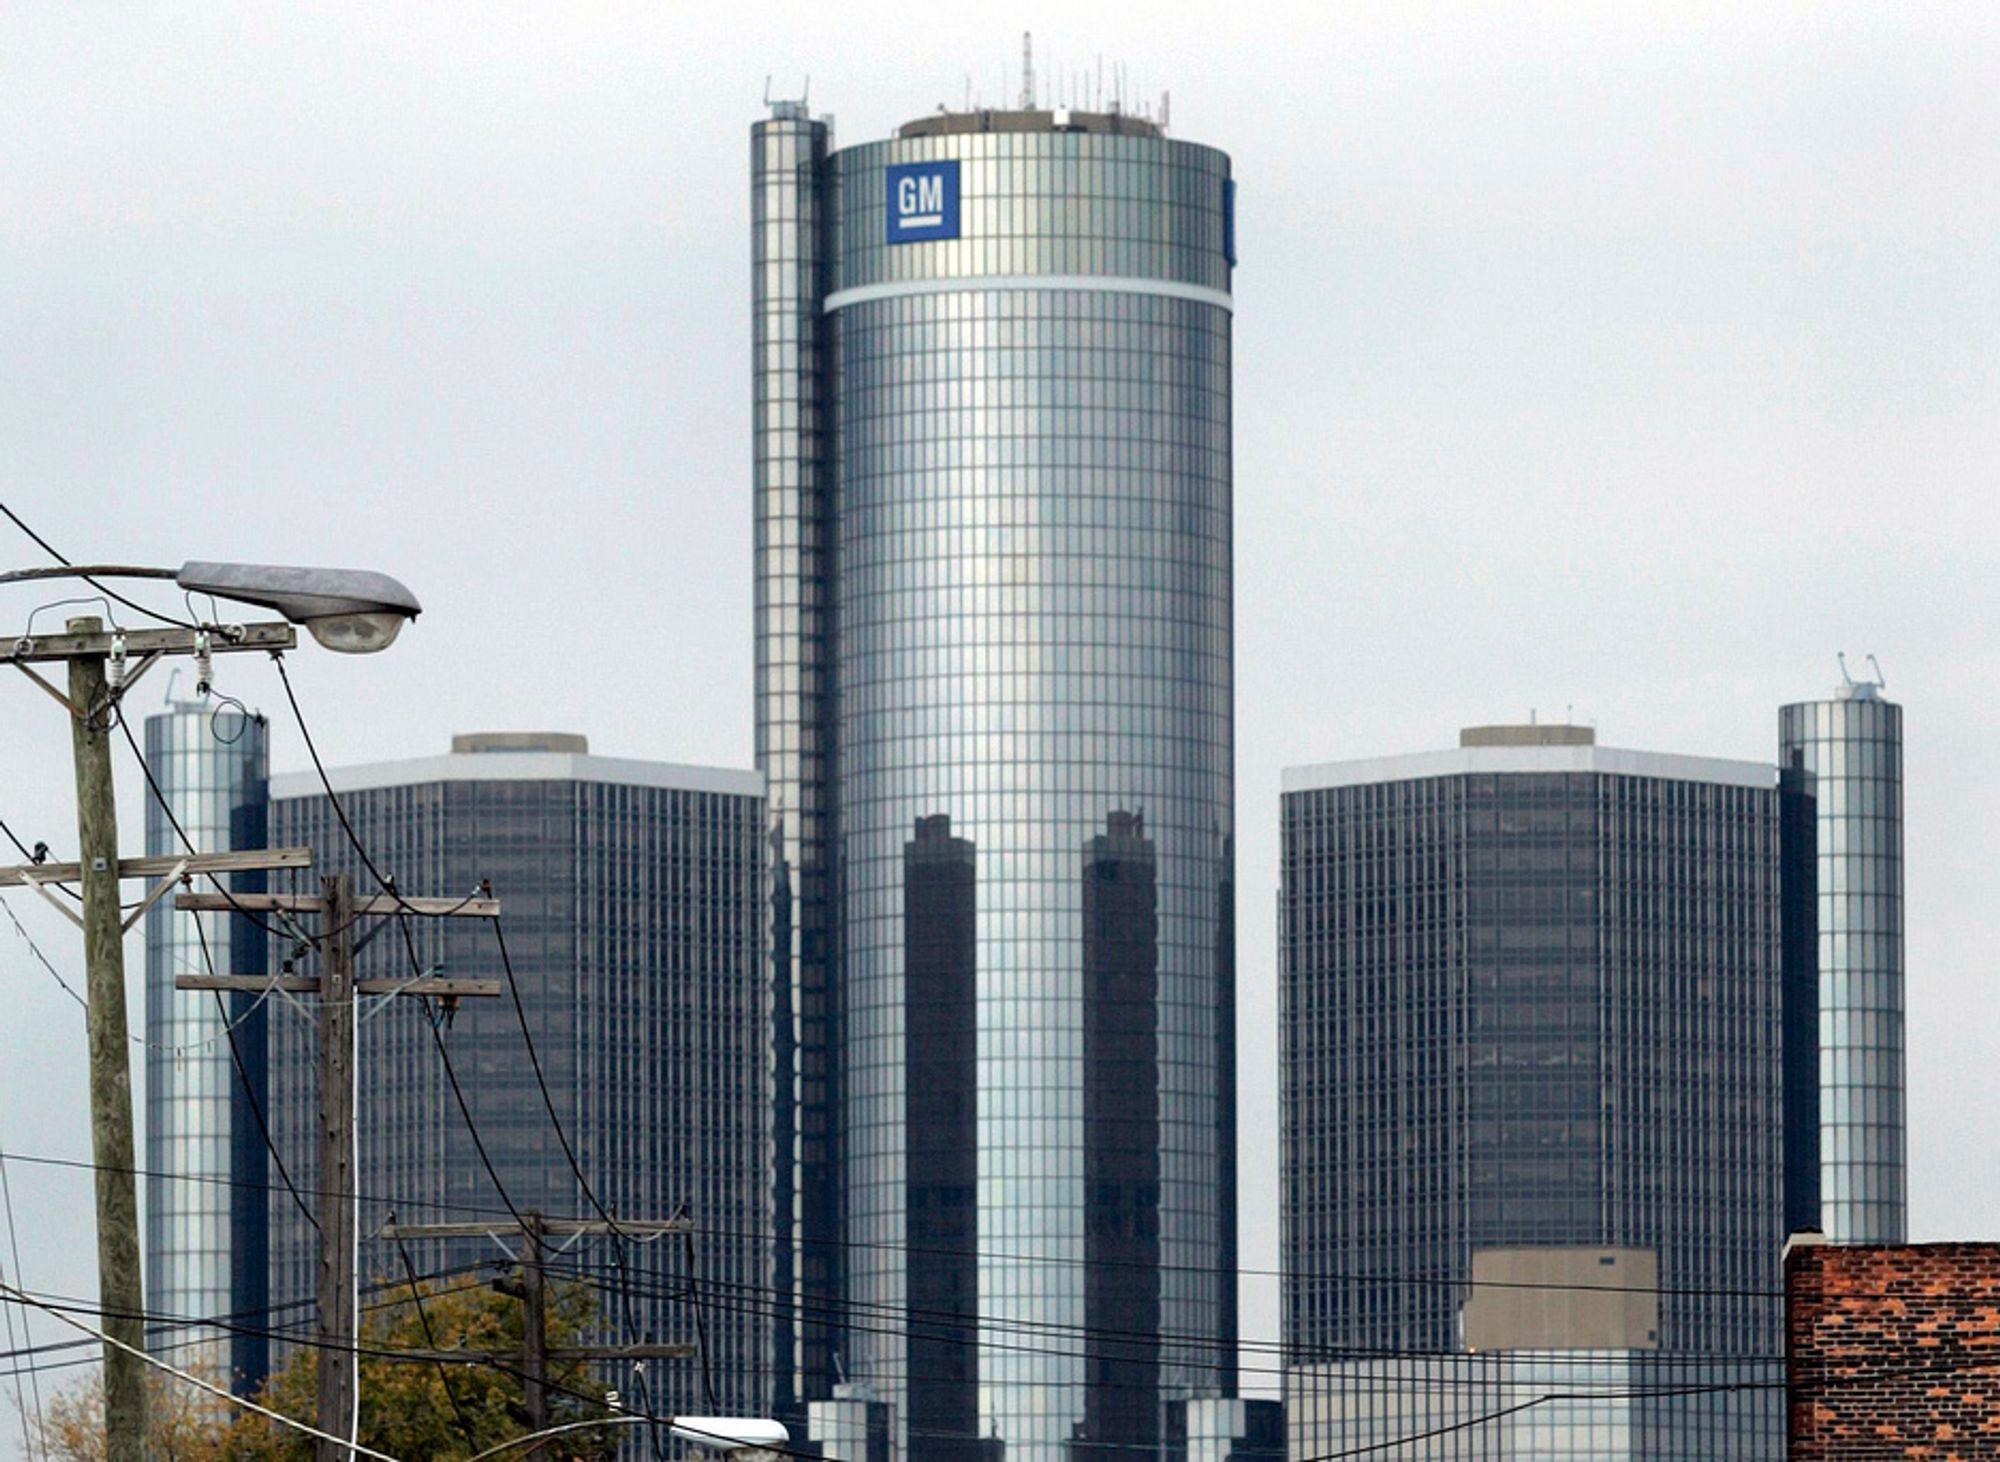 General Motors' hovedkvarter i Detroit. Nå forbereder regjeringen en styrt konkurs av bilgiganten, melder Washington Post.